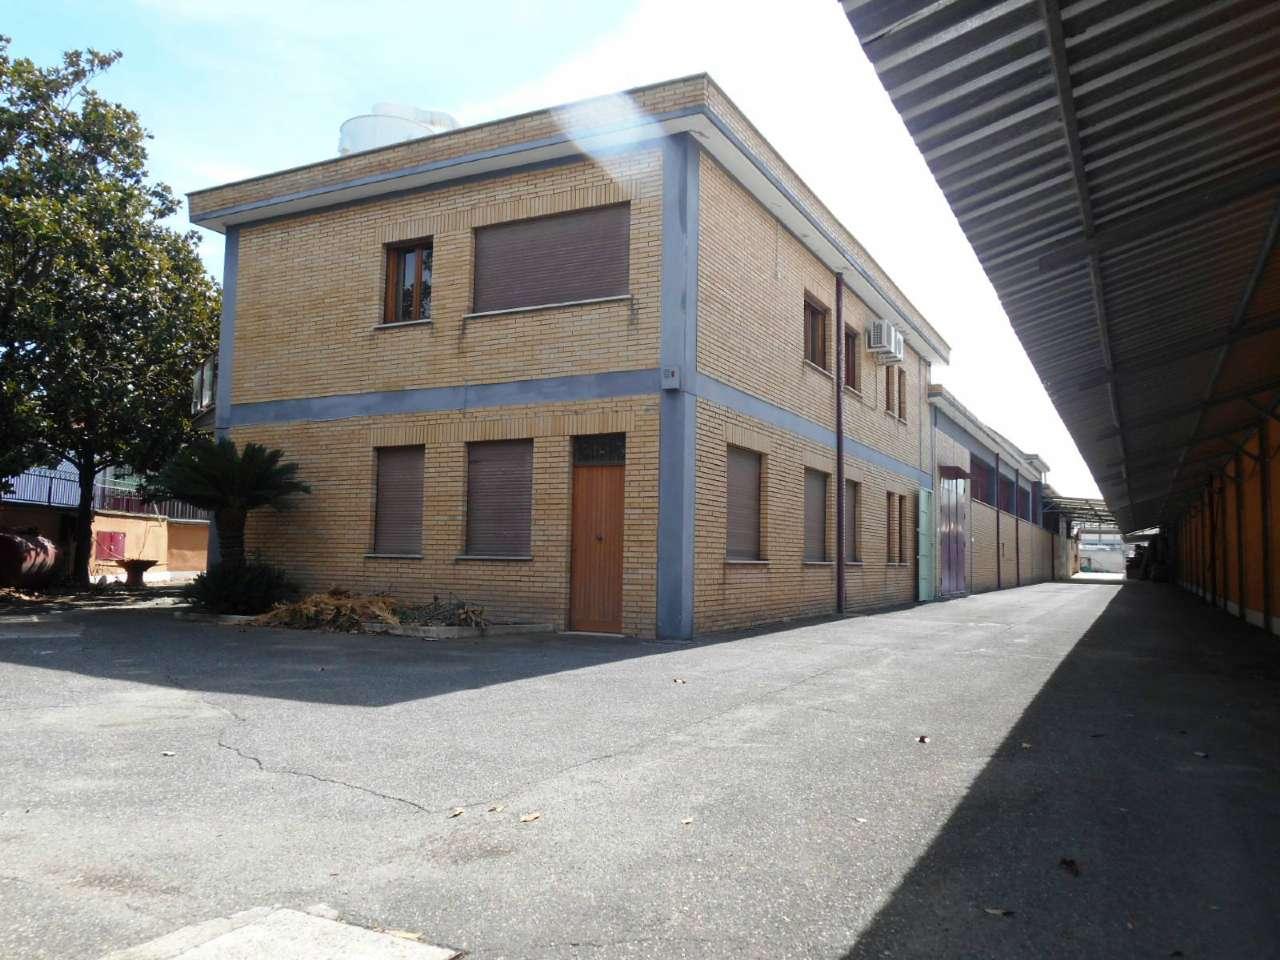 Capannone in vendita a Ciampino, 5 locali, prezzo € 1.900.000   CambioCasa.it